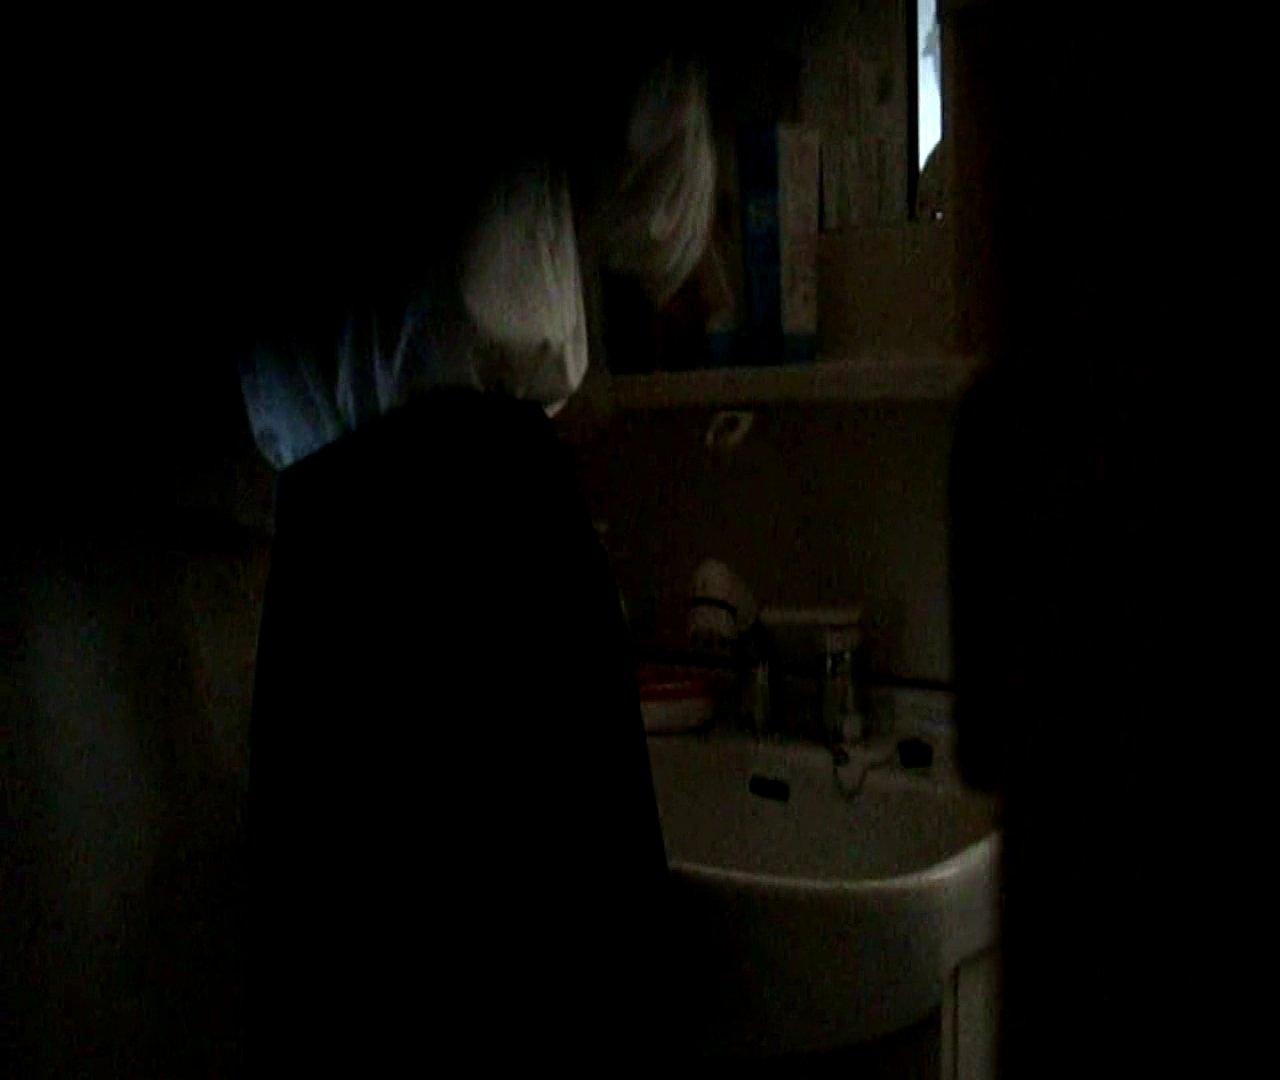 二人とも育てた甲斐がありました… vol.05 まどかが洗顔後にブラを洗濯 美しいOLの裸体  102pic 32